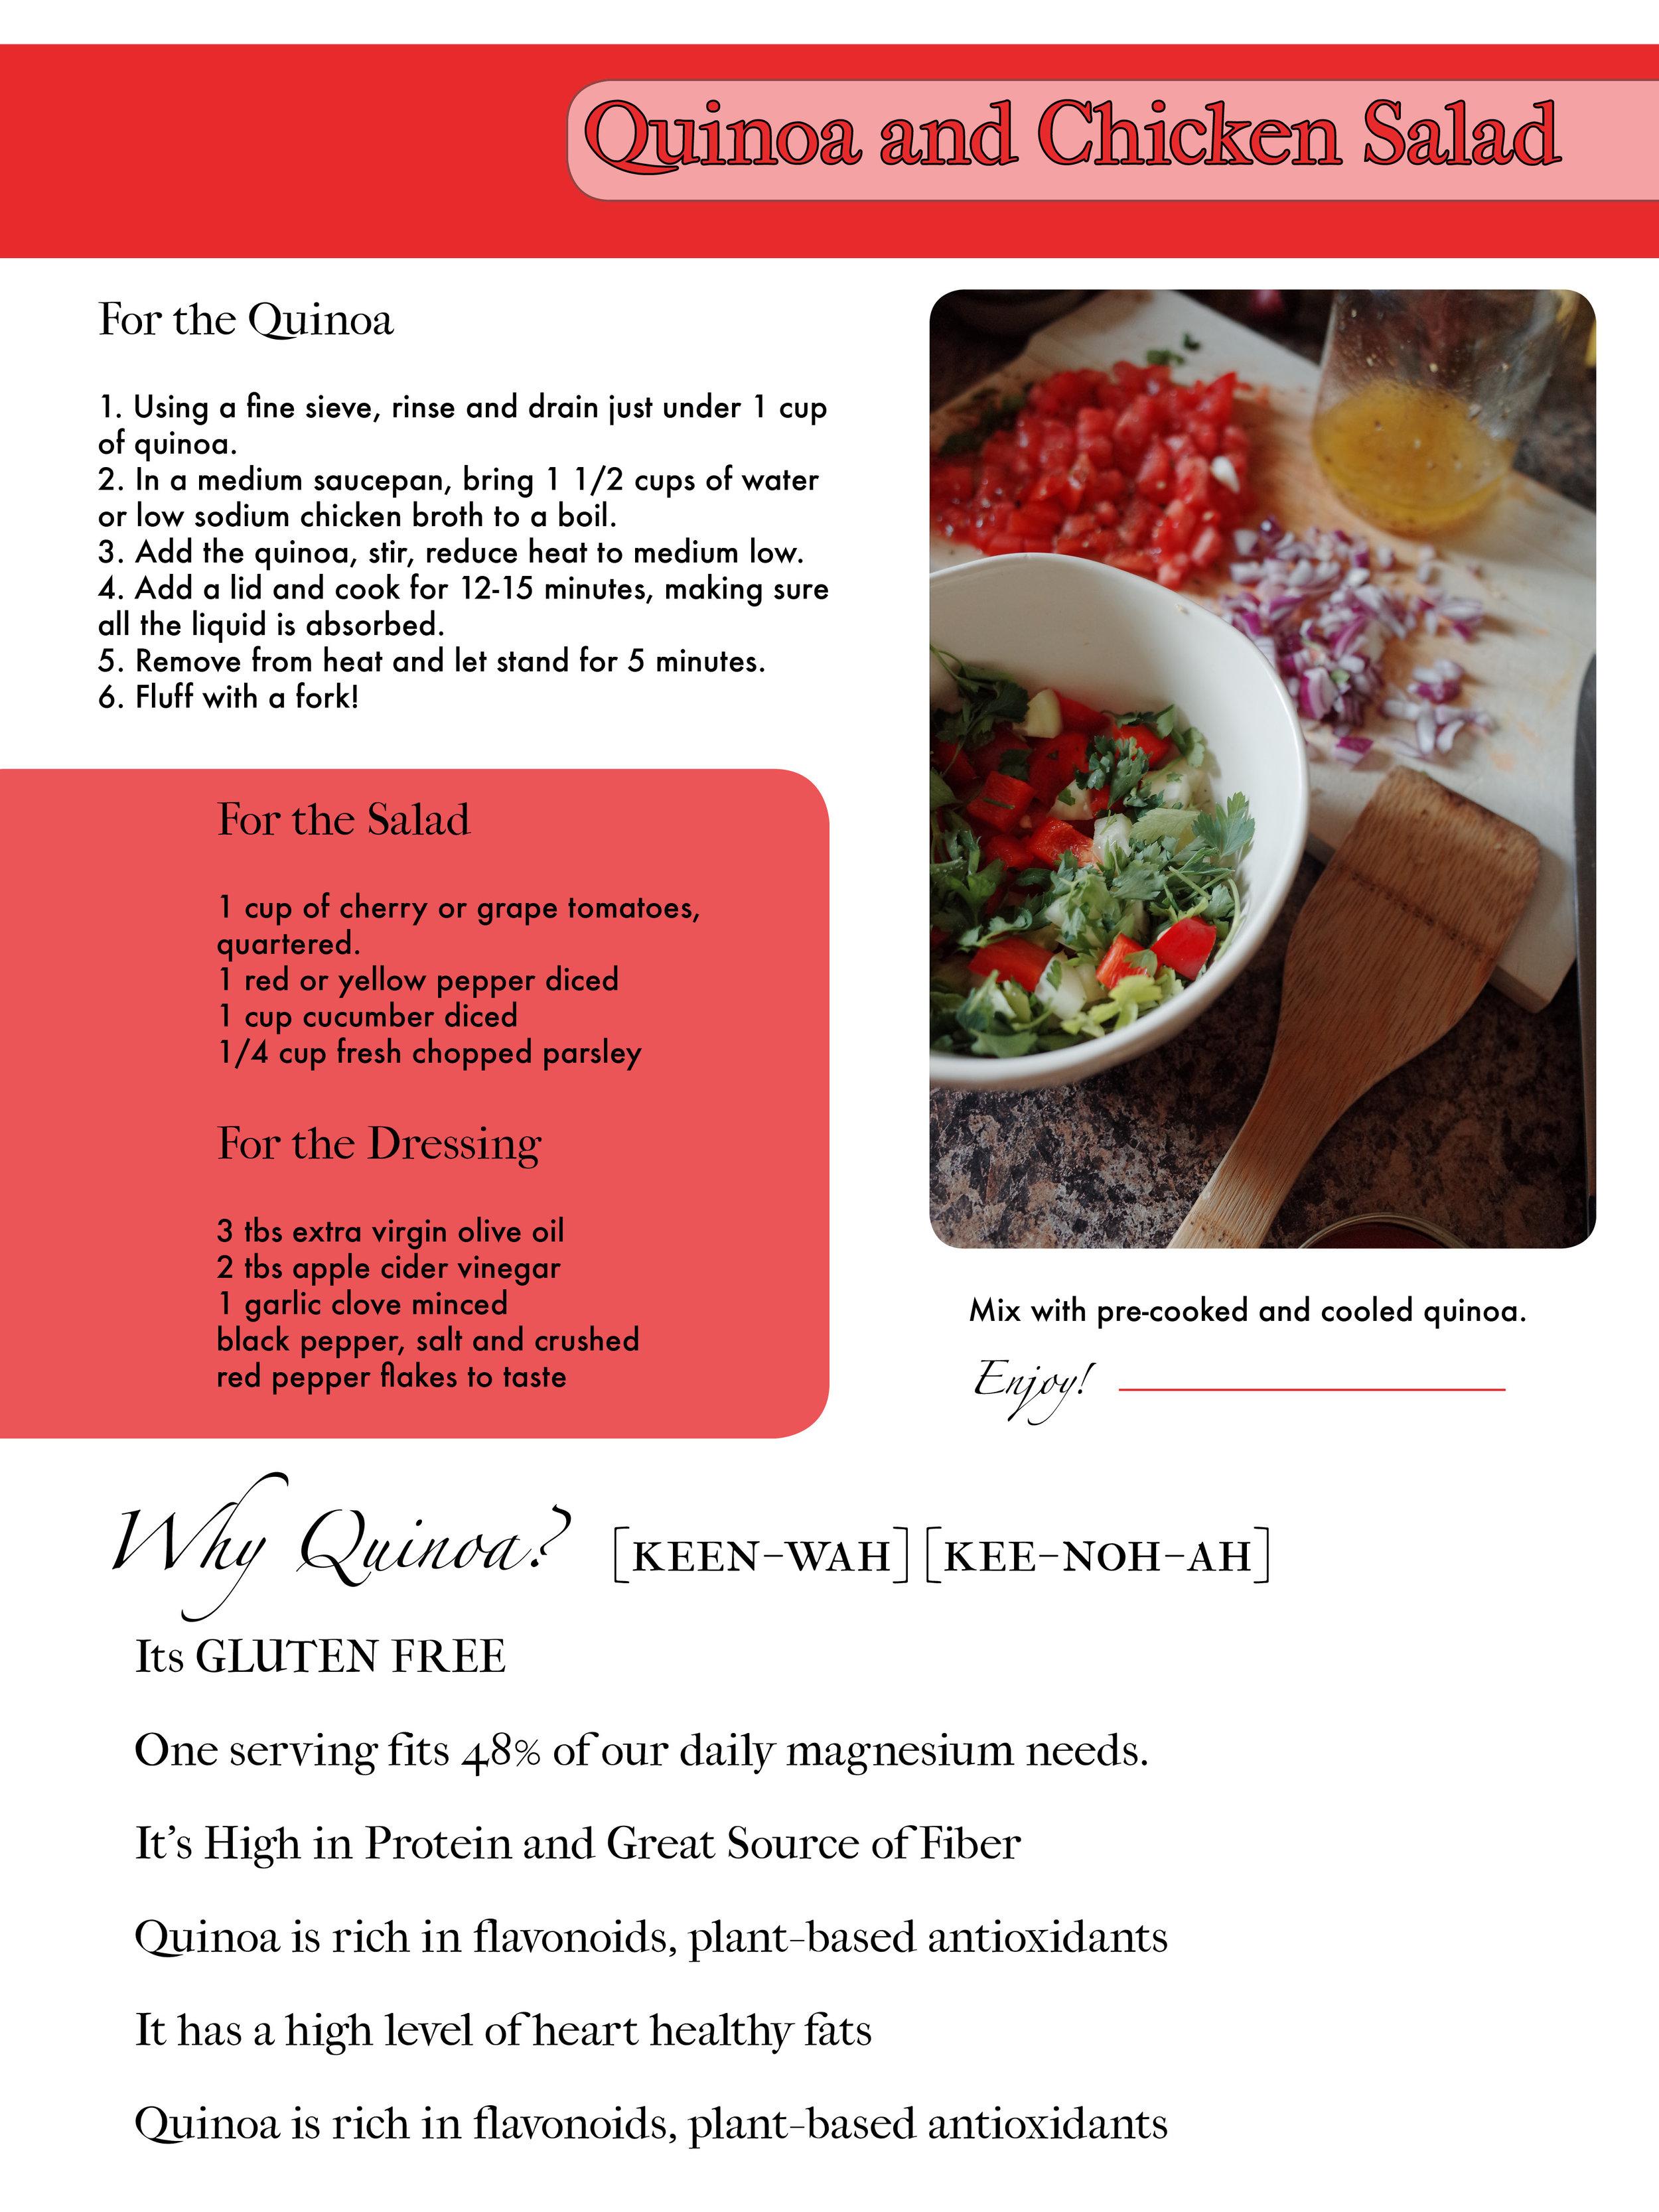 Quinoa and Chicken Salad Recipe